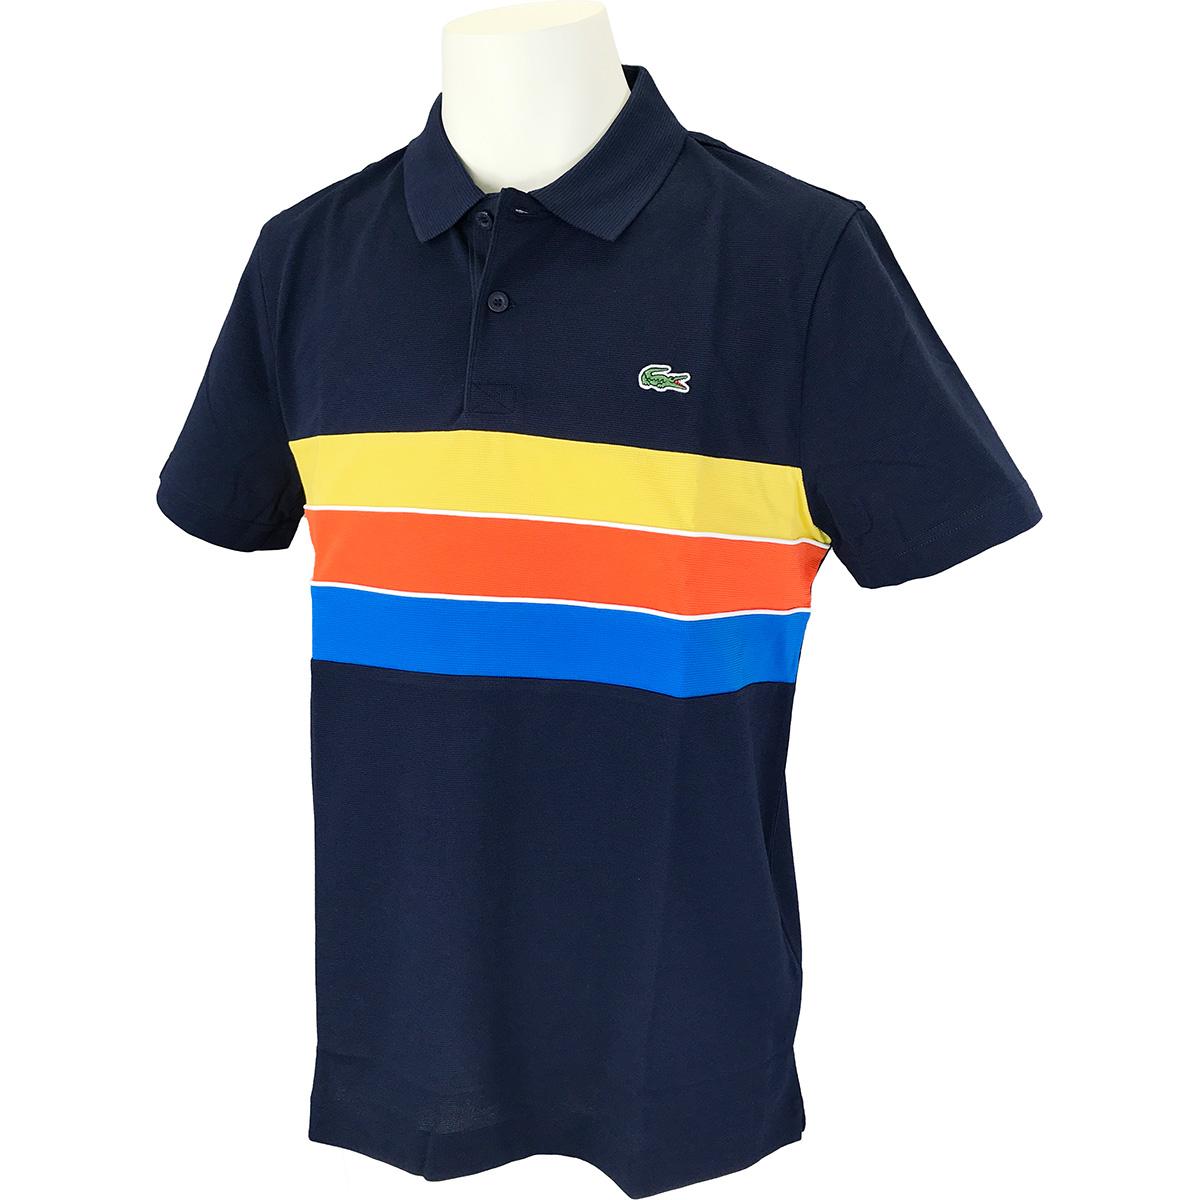 ドライコットンボーダーパネル 半袖ポロシャツ